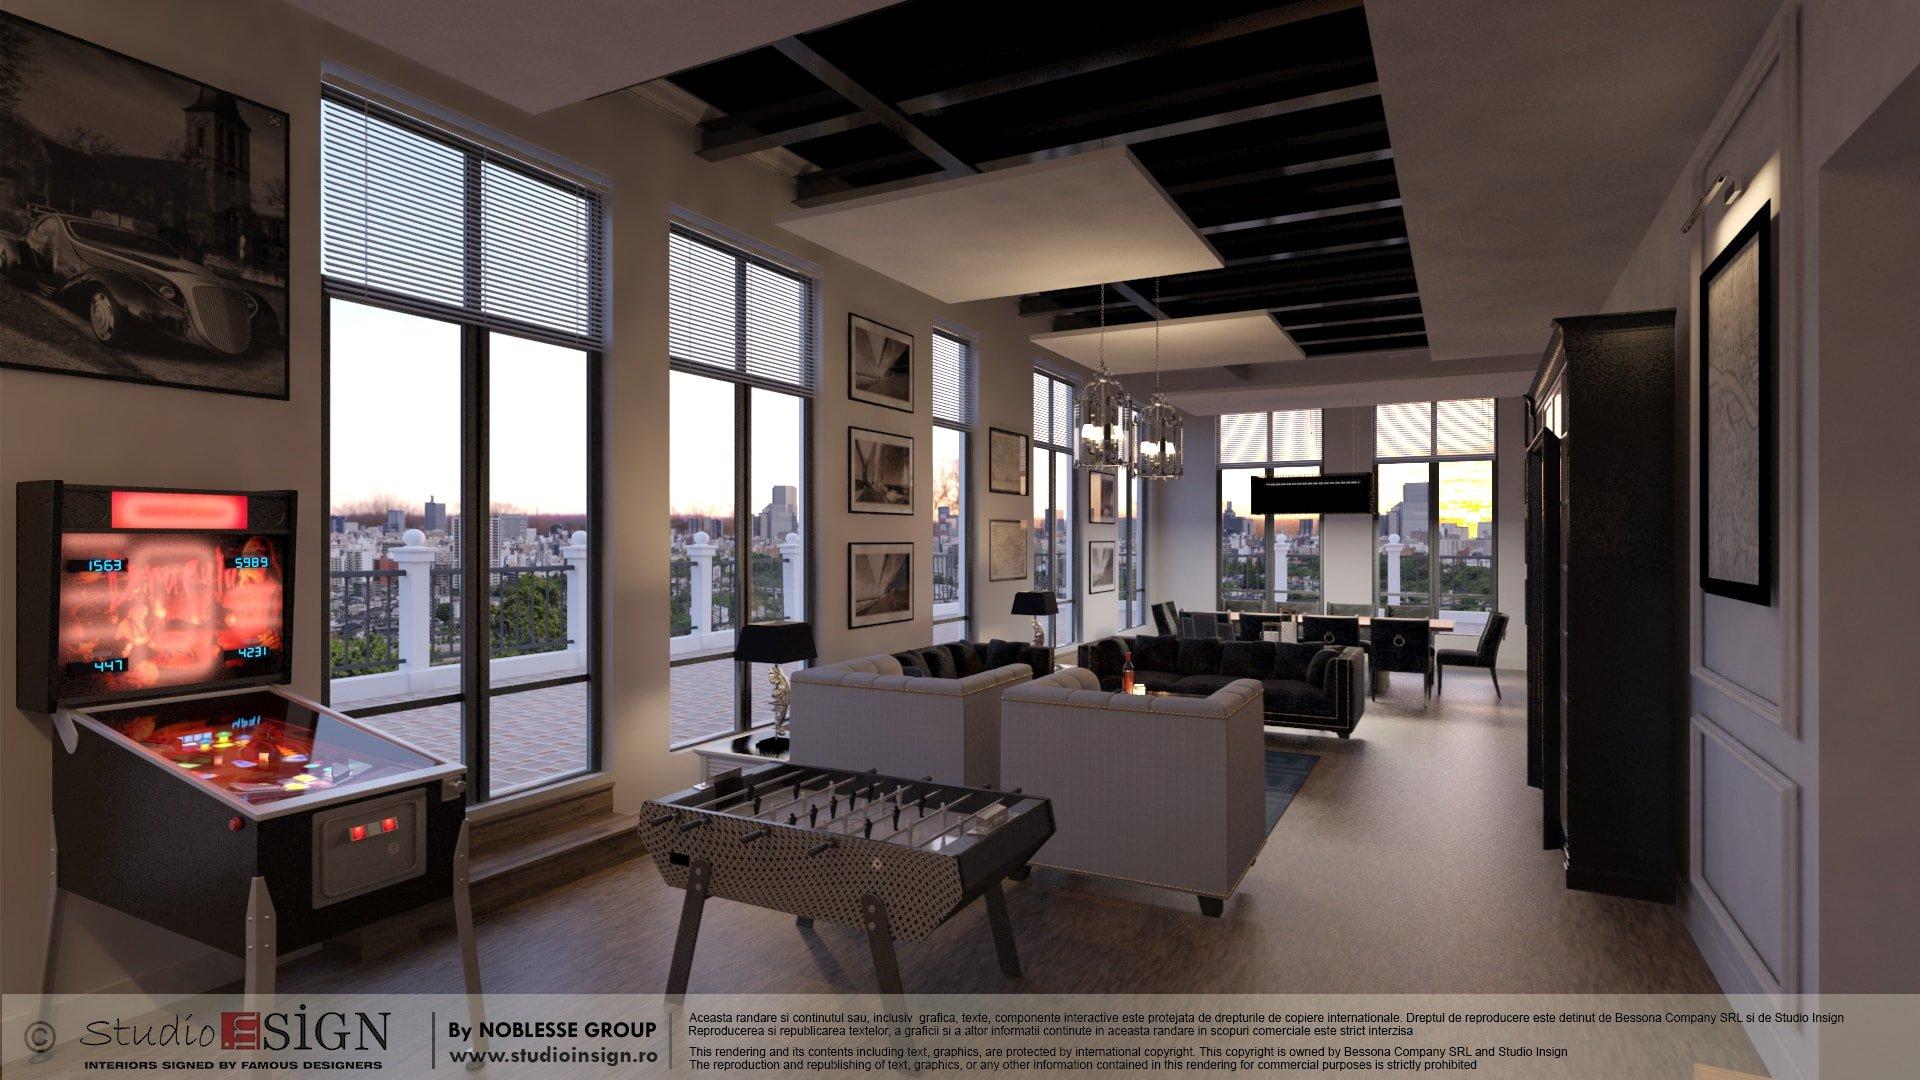 PENTHOUSE FLOREASCA BUCHAREST - CONTEMPORARY INTERIOR DESIGN & REDESIGN APARTMENT u2013 ECLECTIC INTERIOR DESIGN | Studio inSIGN